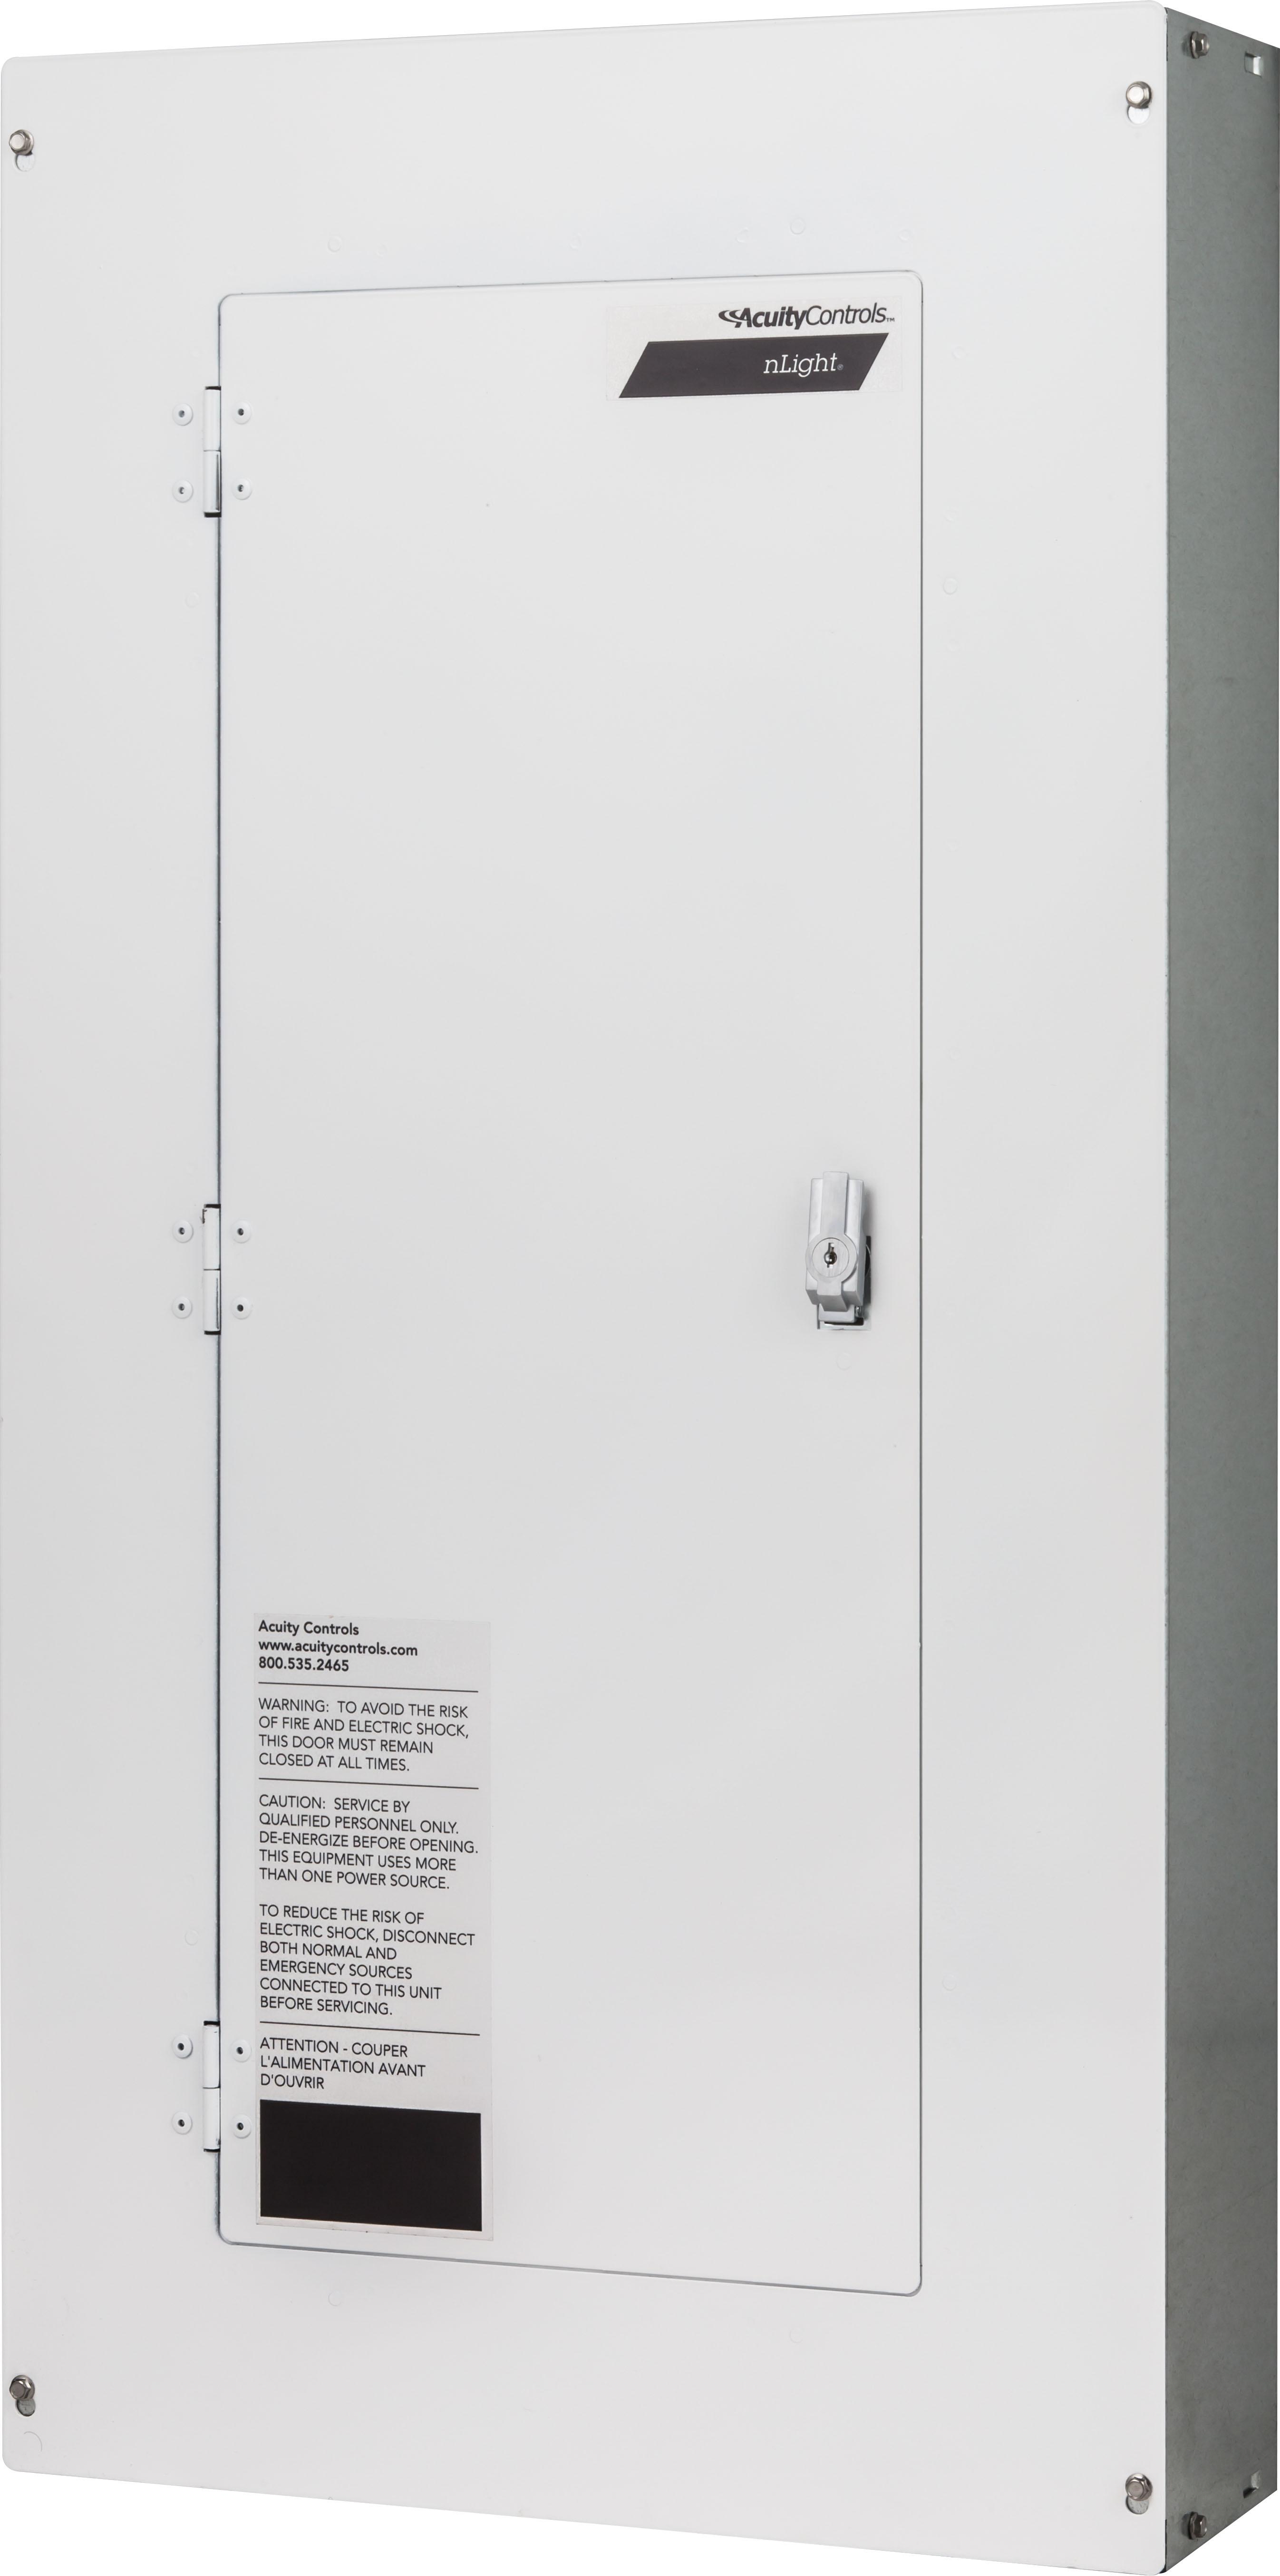 nLight ARP Relay Panel 48 left facing door closed.jpg